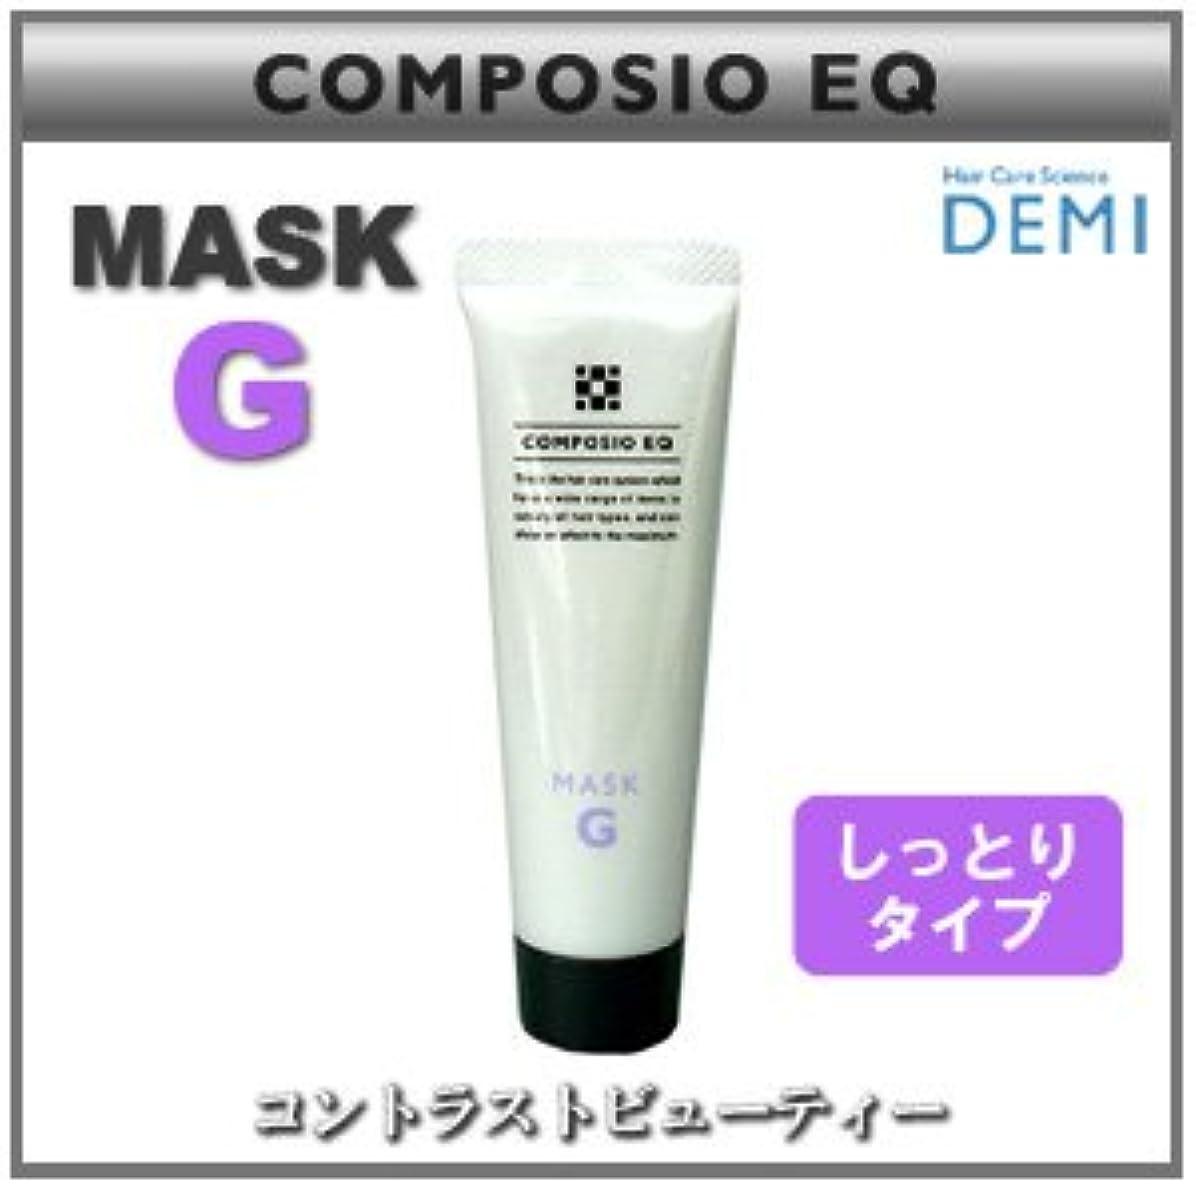 極貧テンポ憂慮すべき【X2個セット】 デミ コンポジオ EQ マスク G 50g